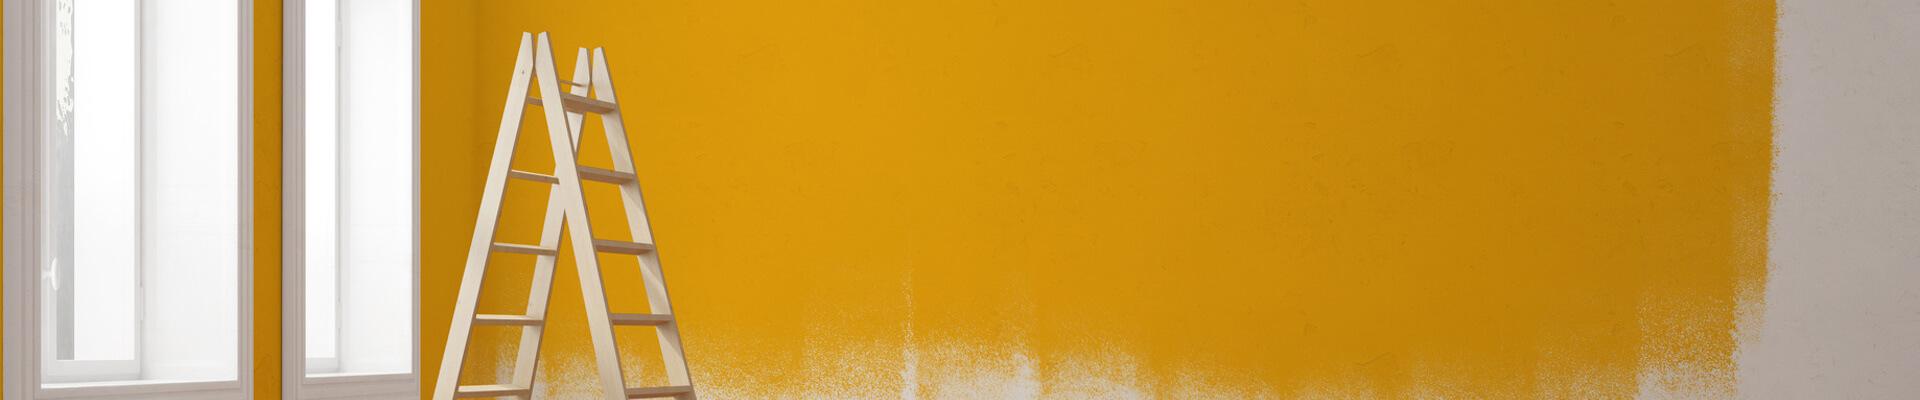 Frisch gestrichene Wohnungswand mit einer Leiter im Vordergrund